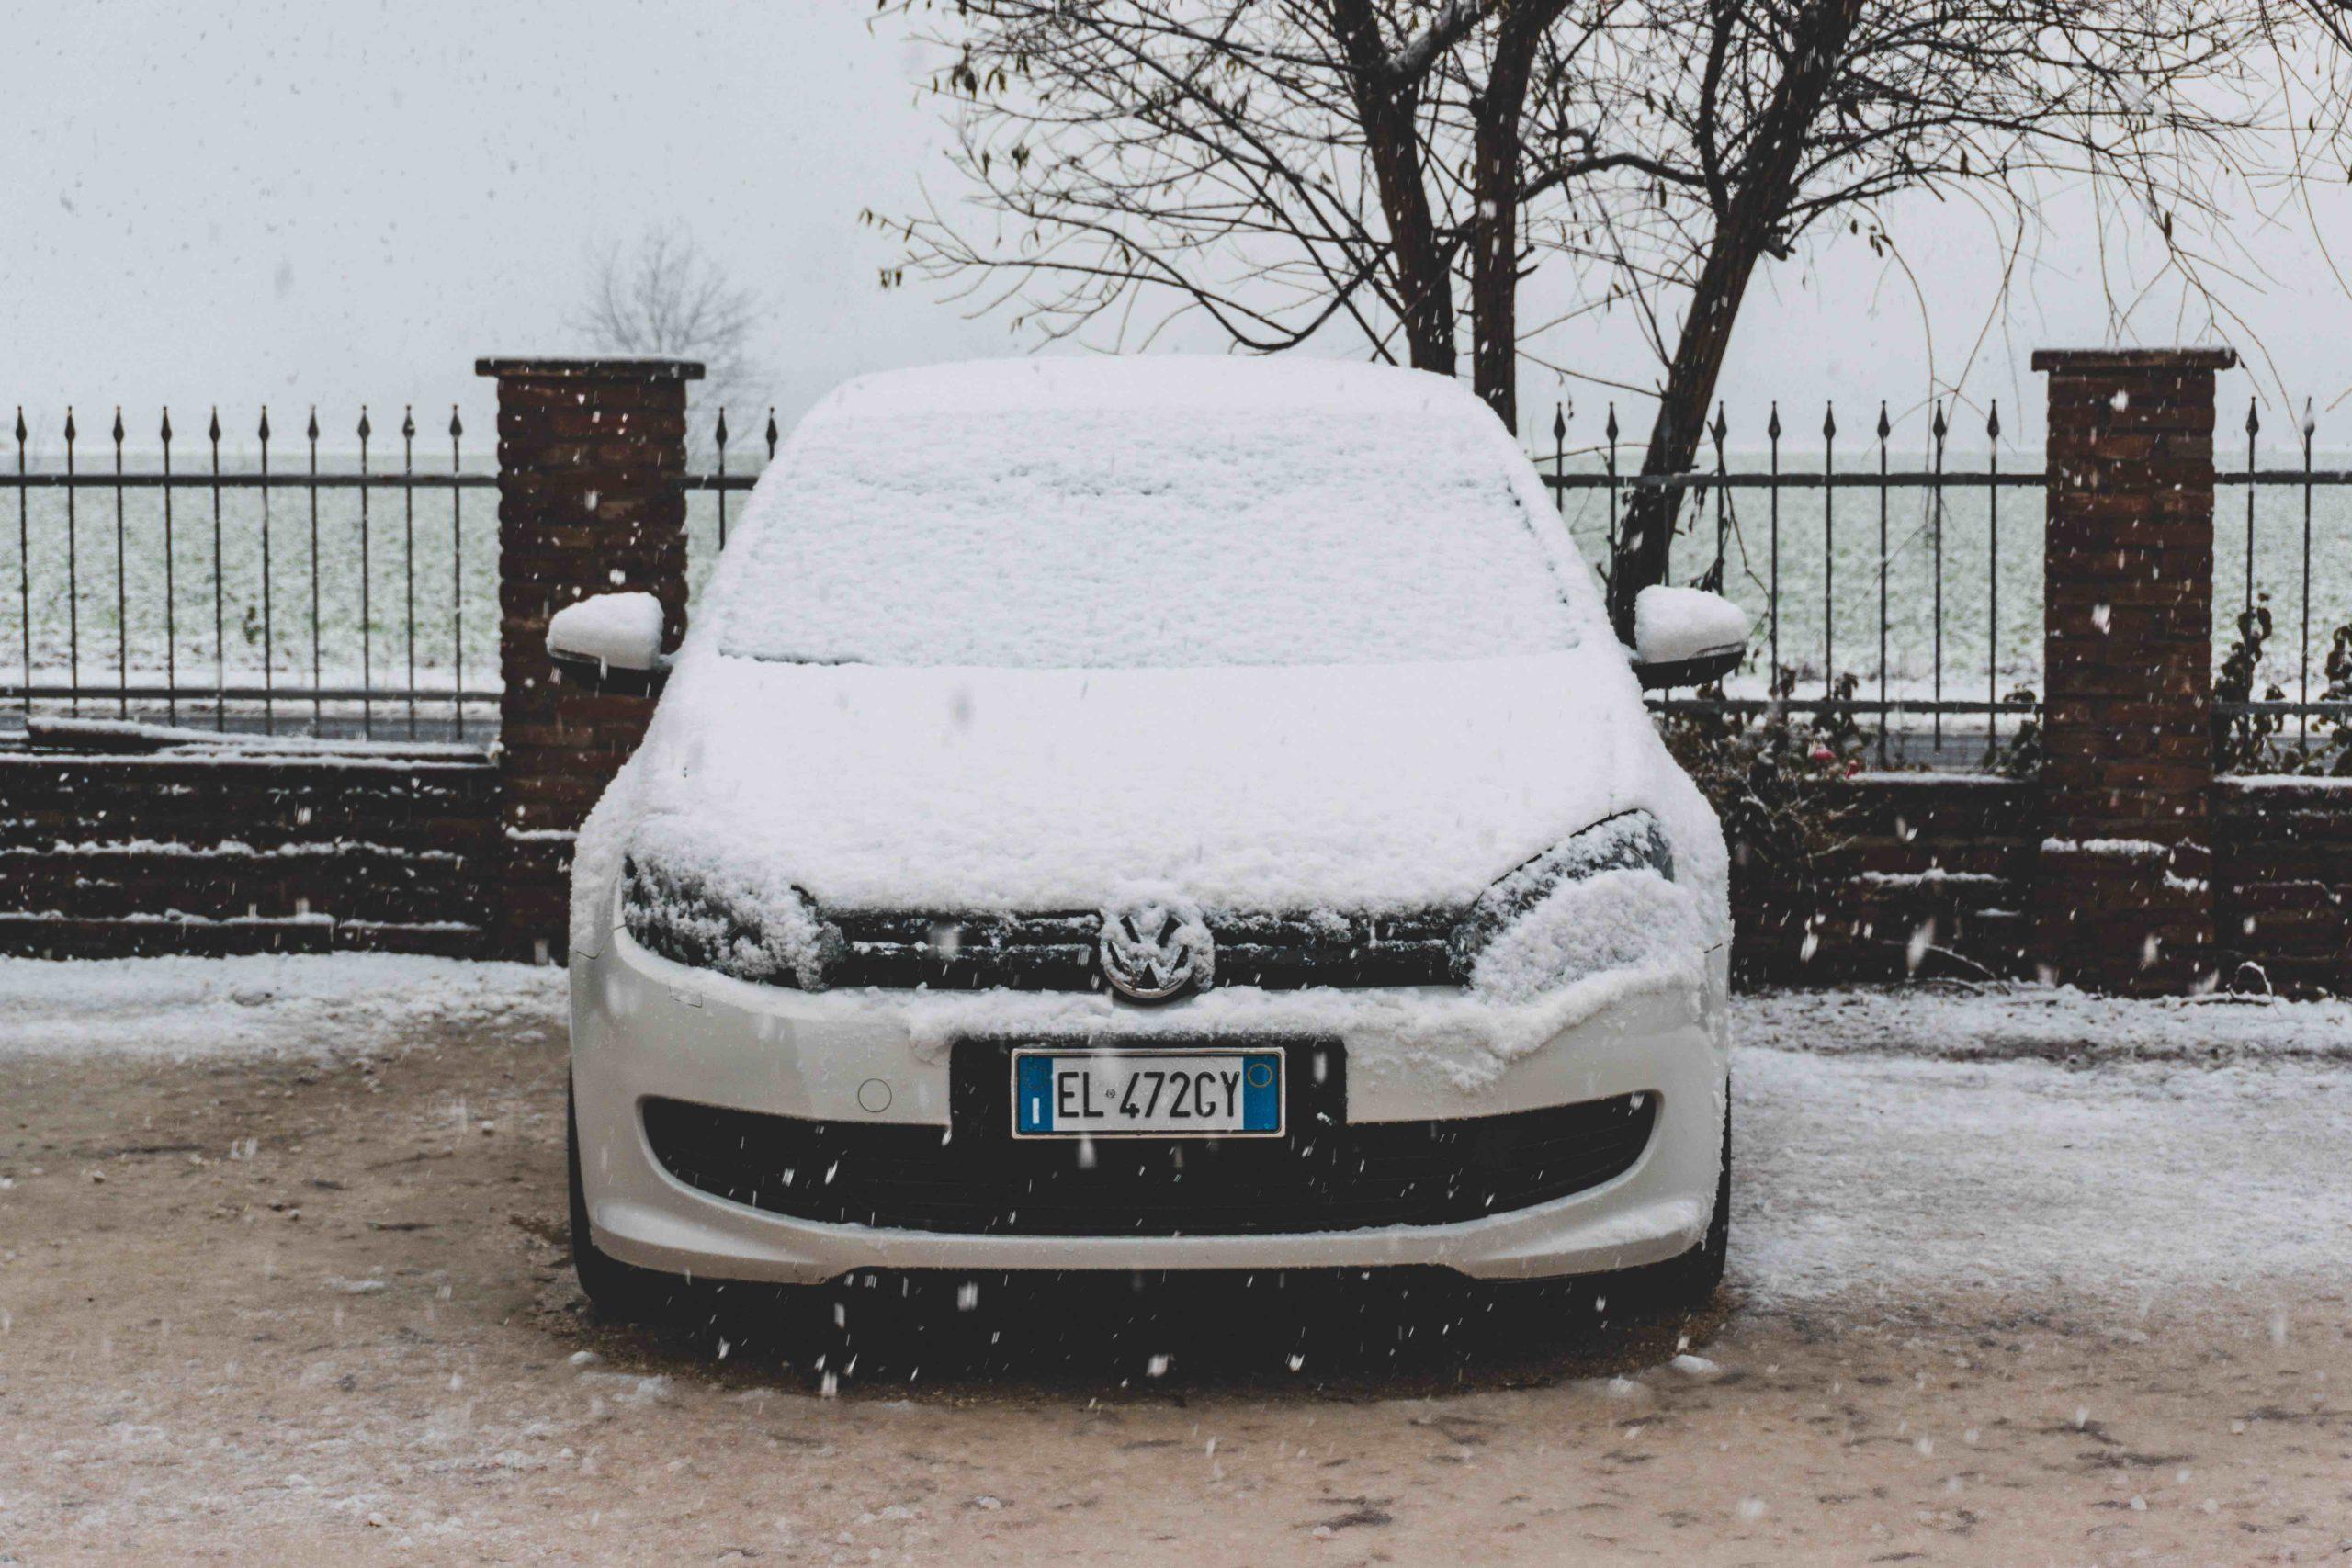 voiture neige sécurité